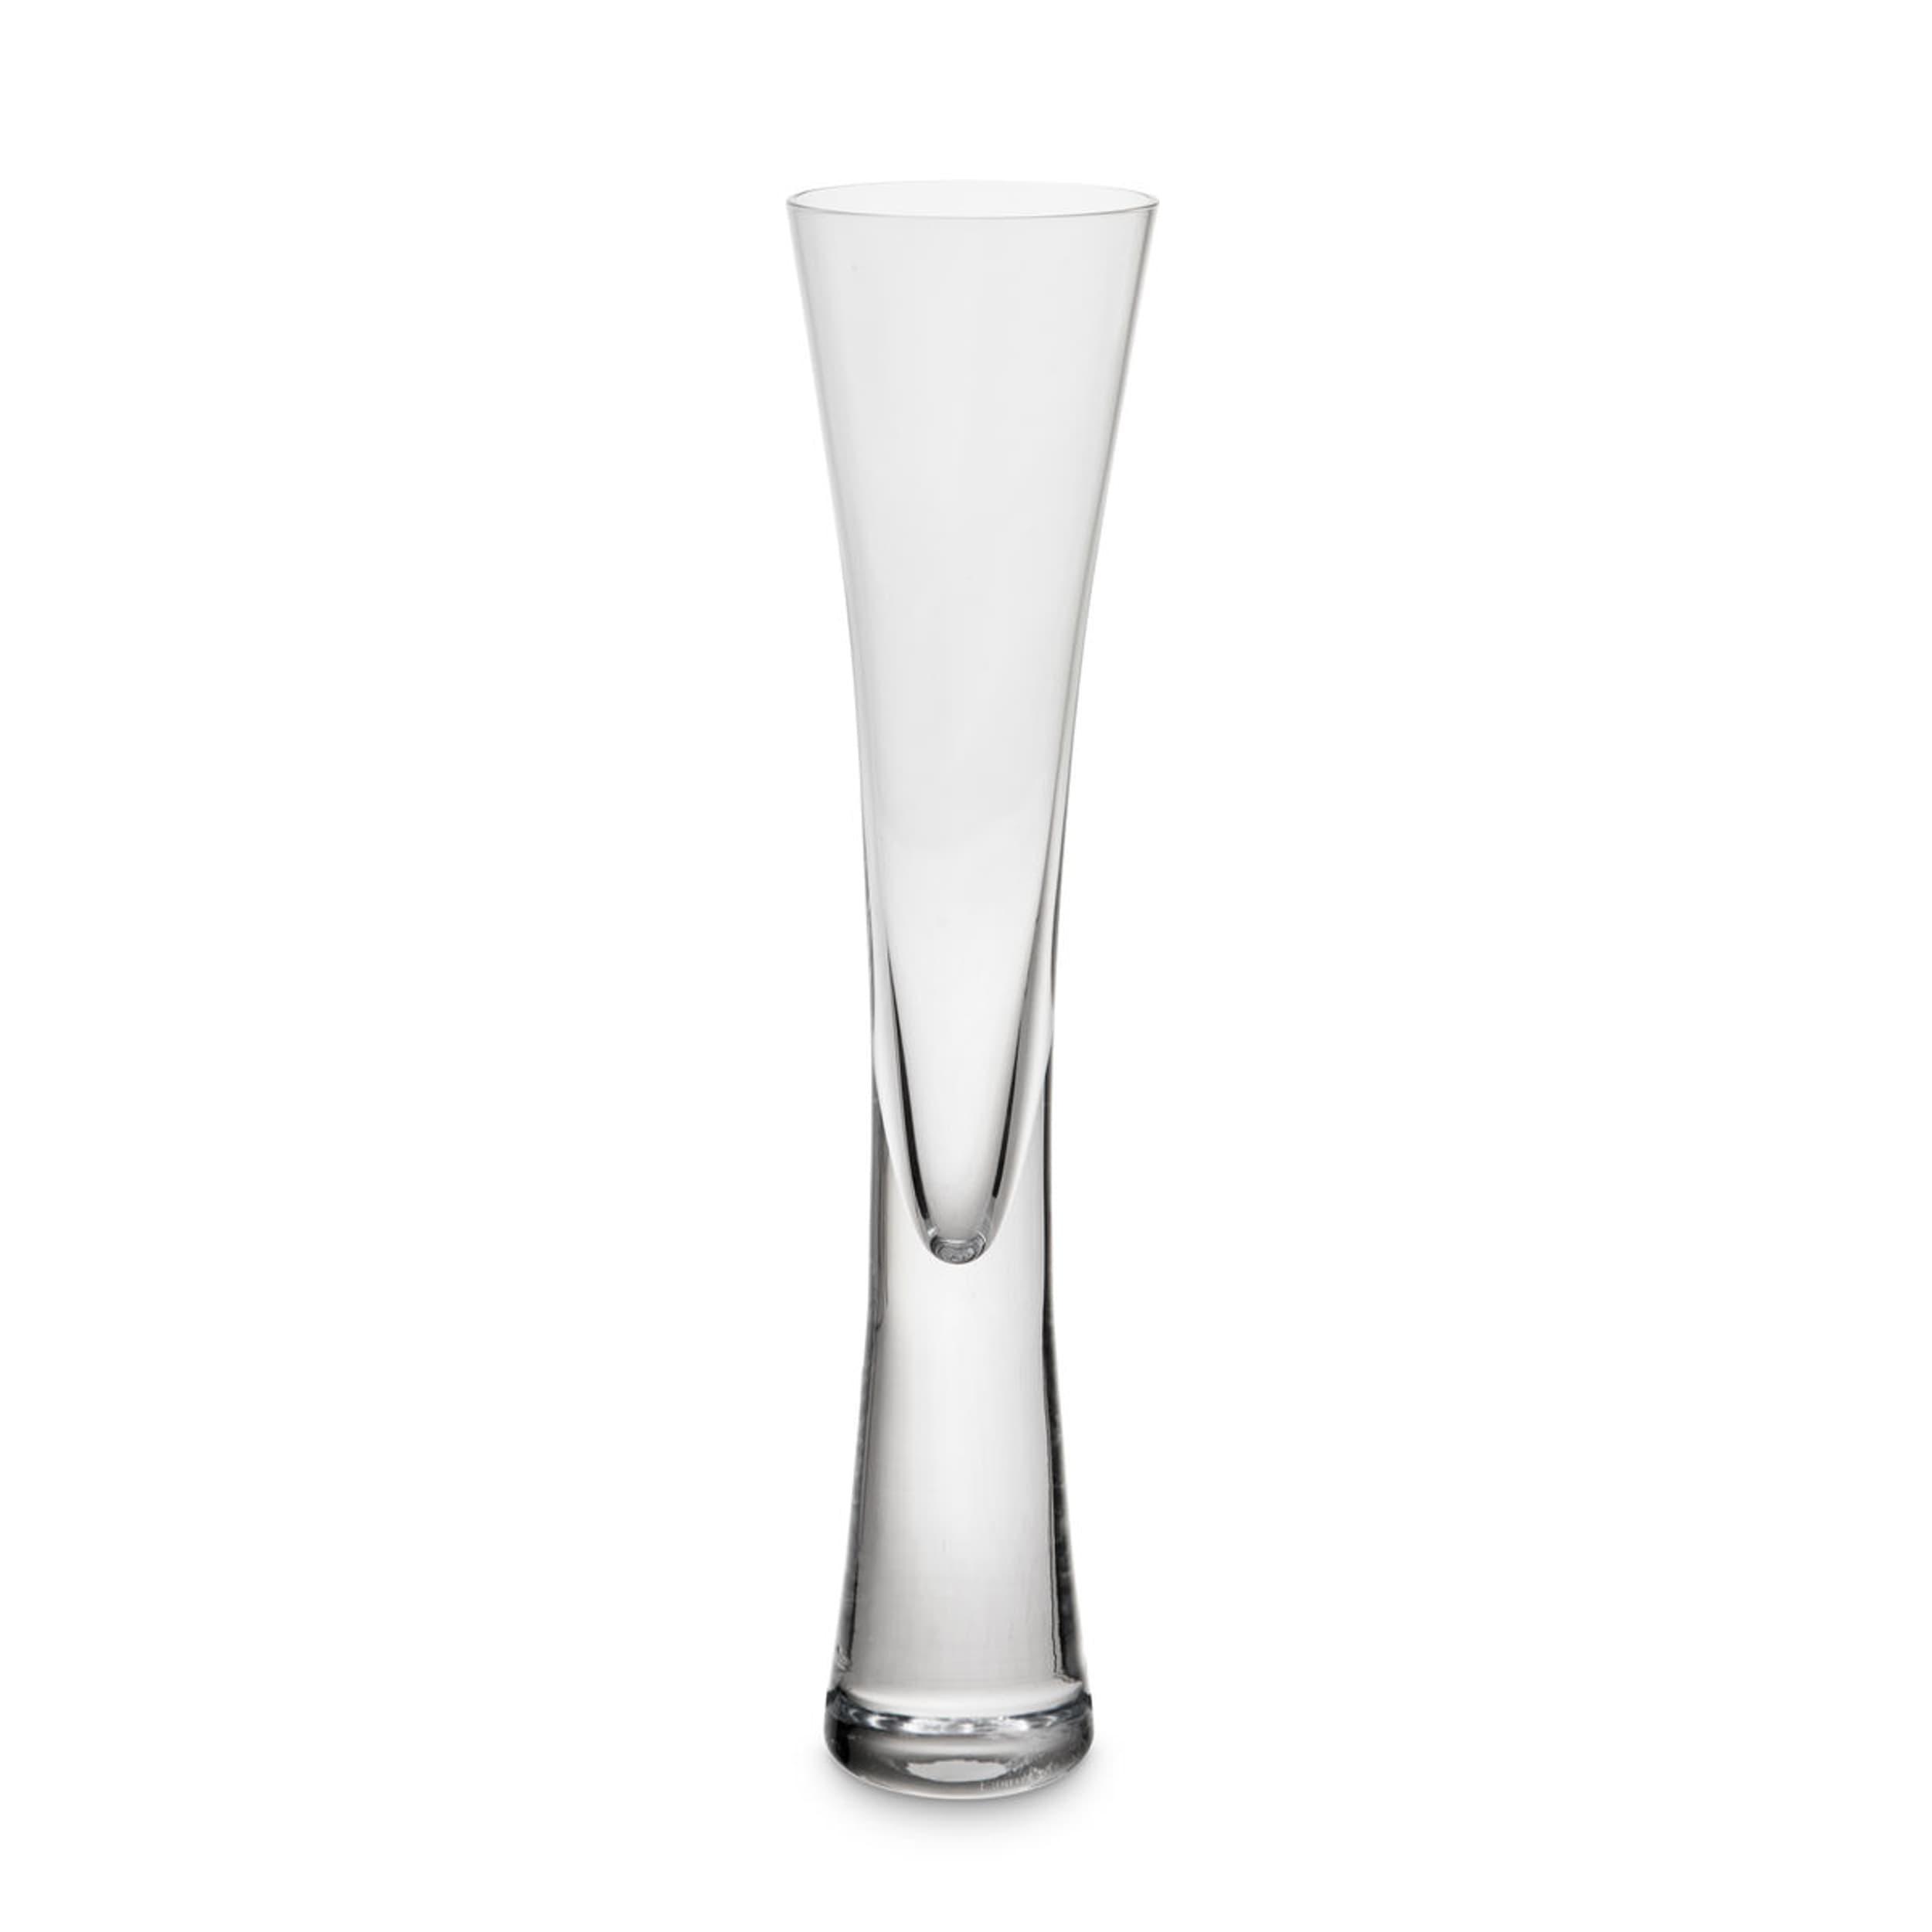 Image of Champagner-Flûte MOYA